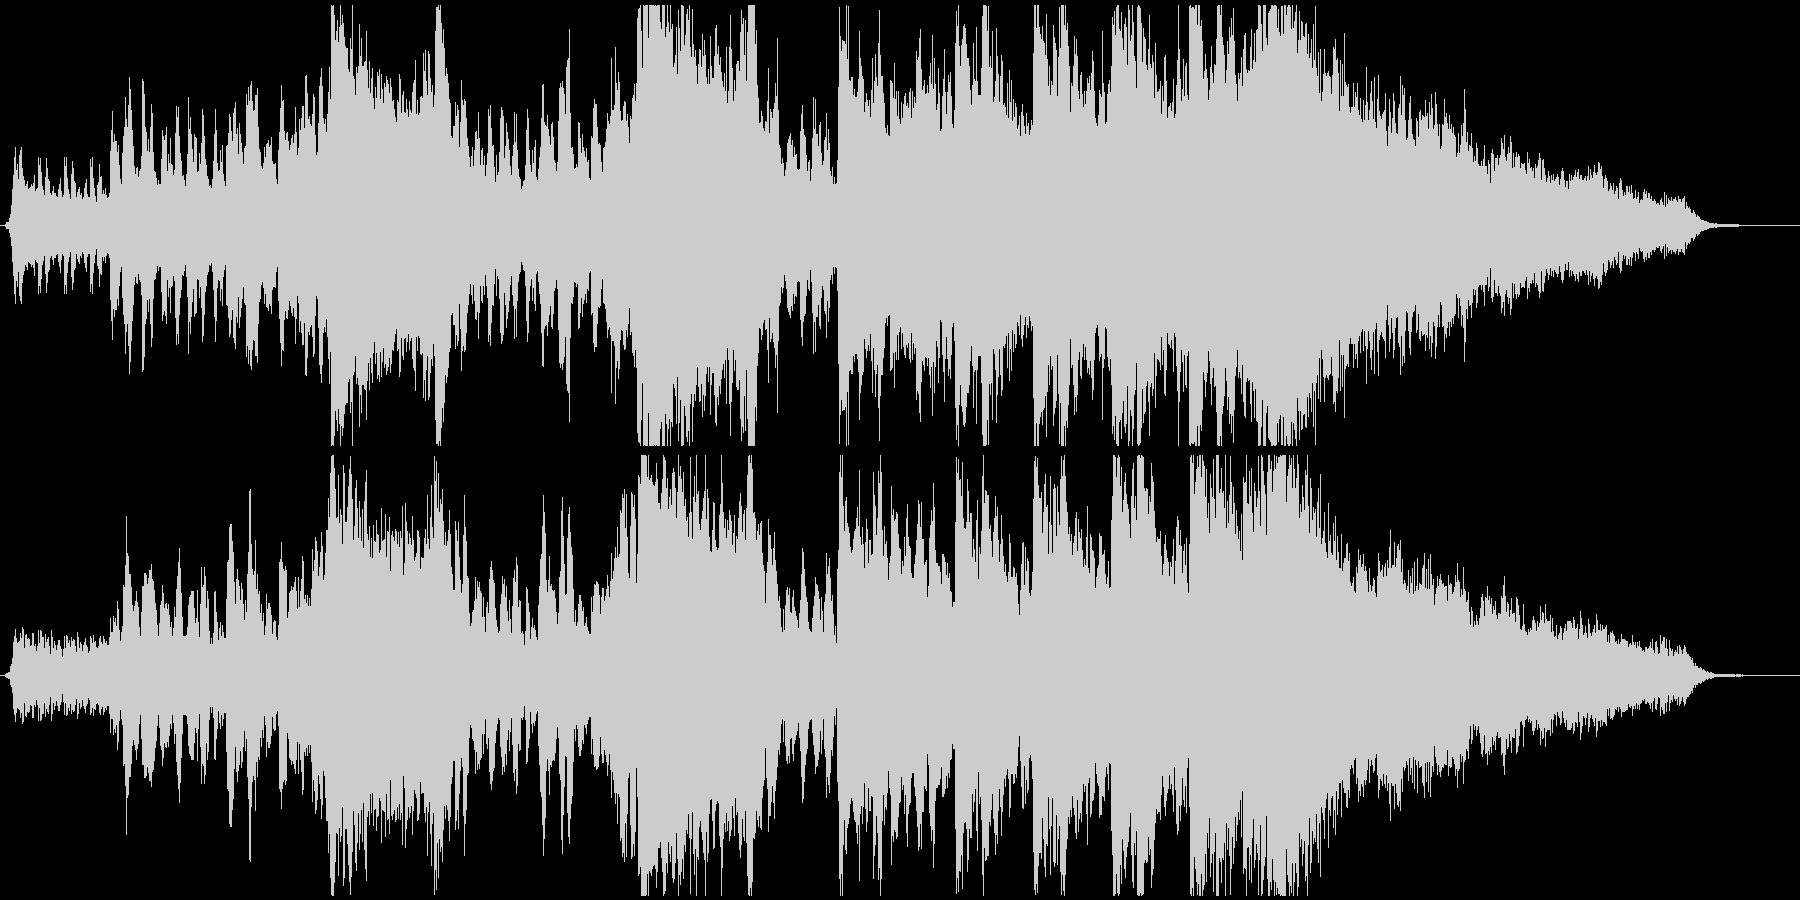 オーケストラファンタジーファンファーレの未再生の波形